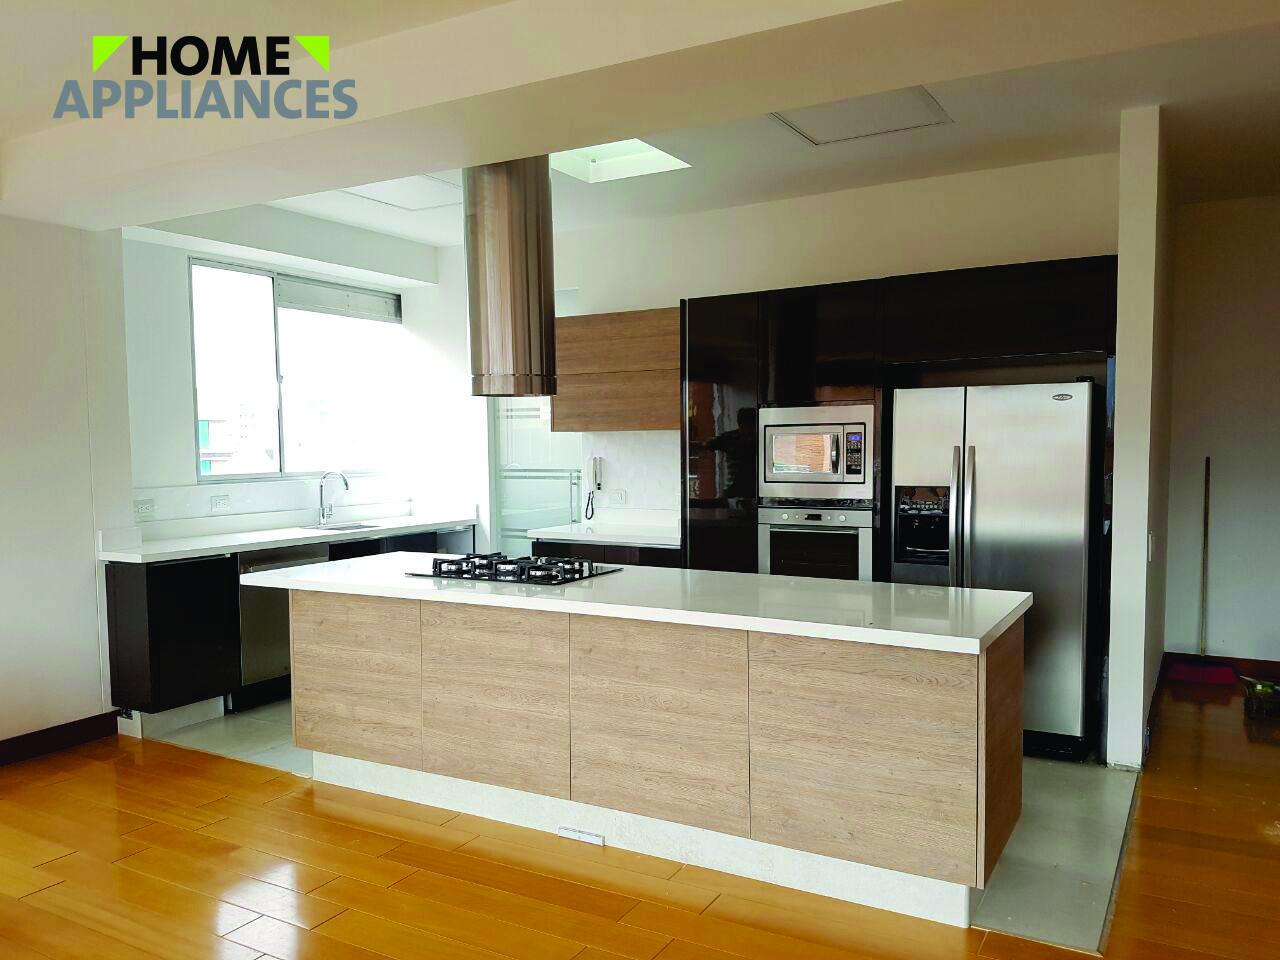 Dise o de cocinas modernas dise o cocinas modernas for Diseno de cocinas modernas